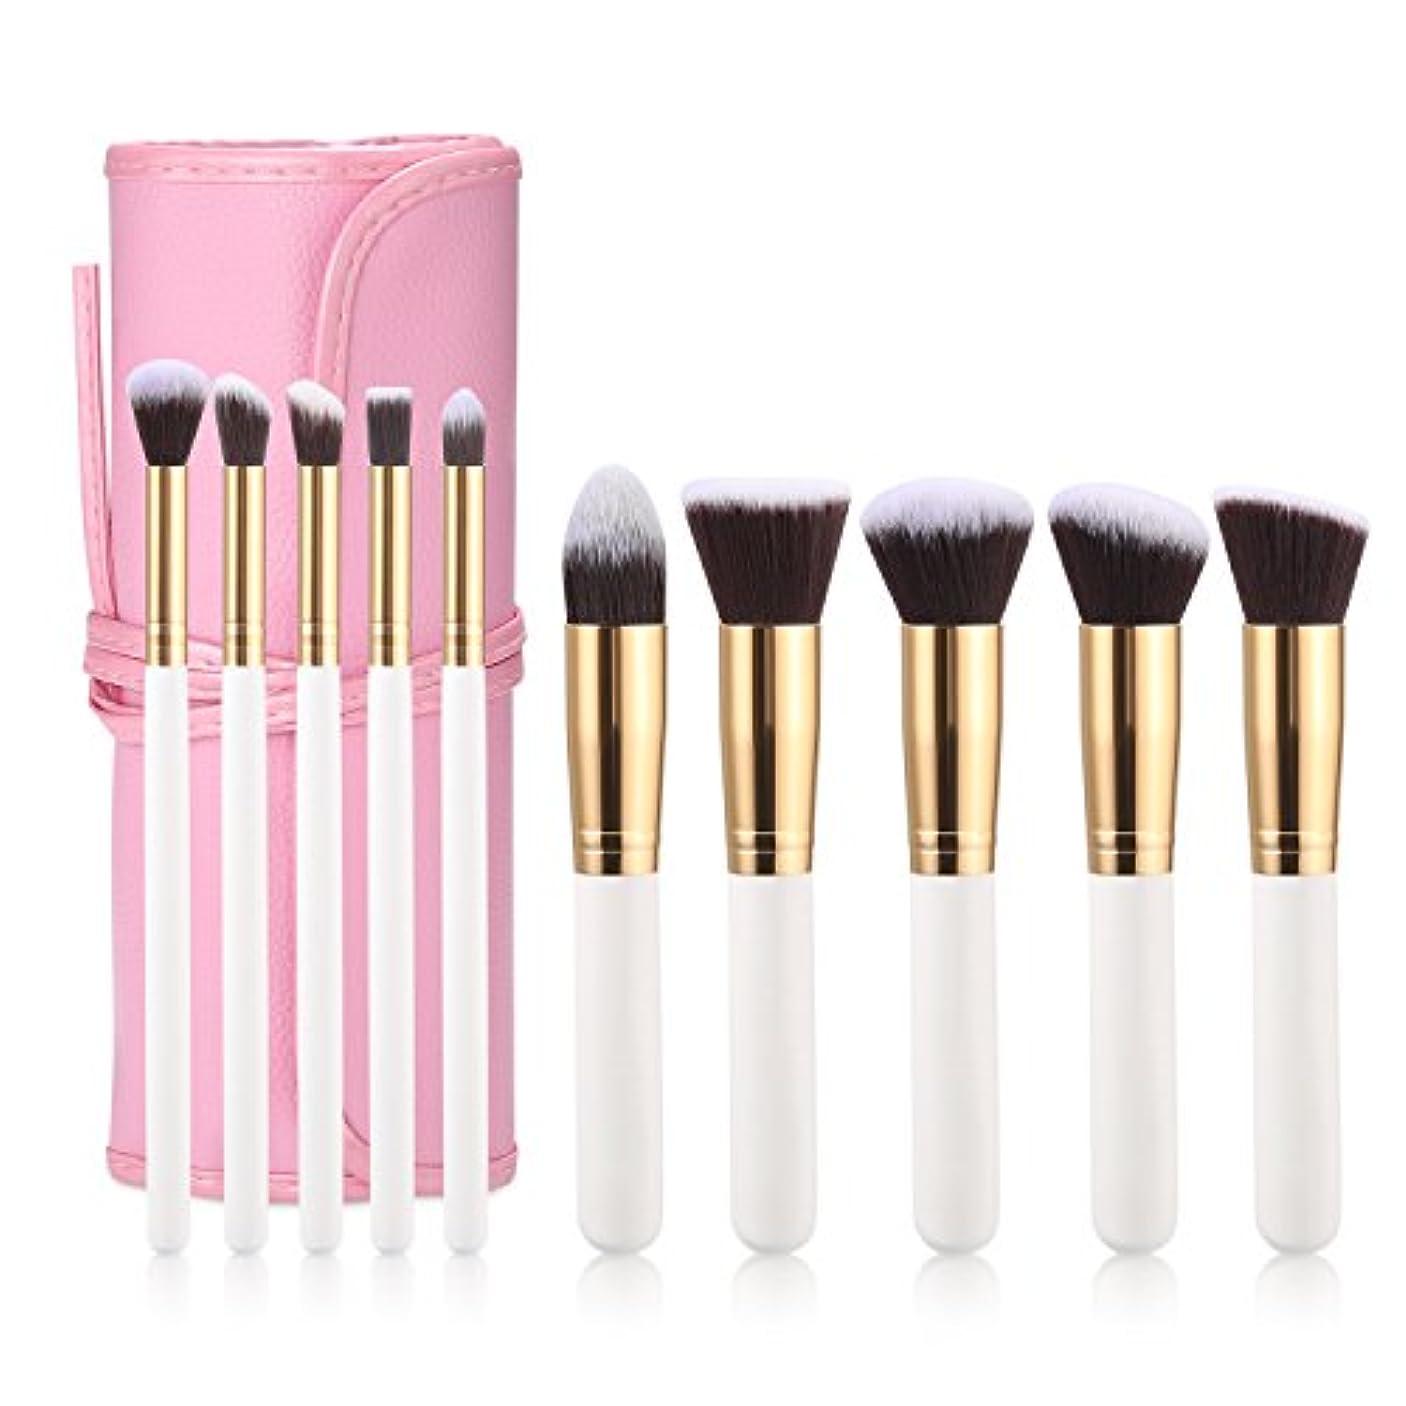 擬人化お別れ笑い化粧ブラシをセット,化粧ブラシ 化粧筆 ,パウダーブラシ、ファンデーションブラシ、チークブラシ、ハイライトブラシ、アイ シャドウブラシ、アイライナーブラシ,リップブラシ,10本の化粧筆,良質の化粧品袋を配達する,高品質の...